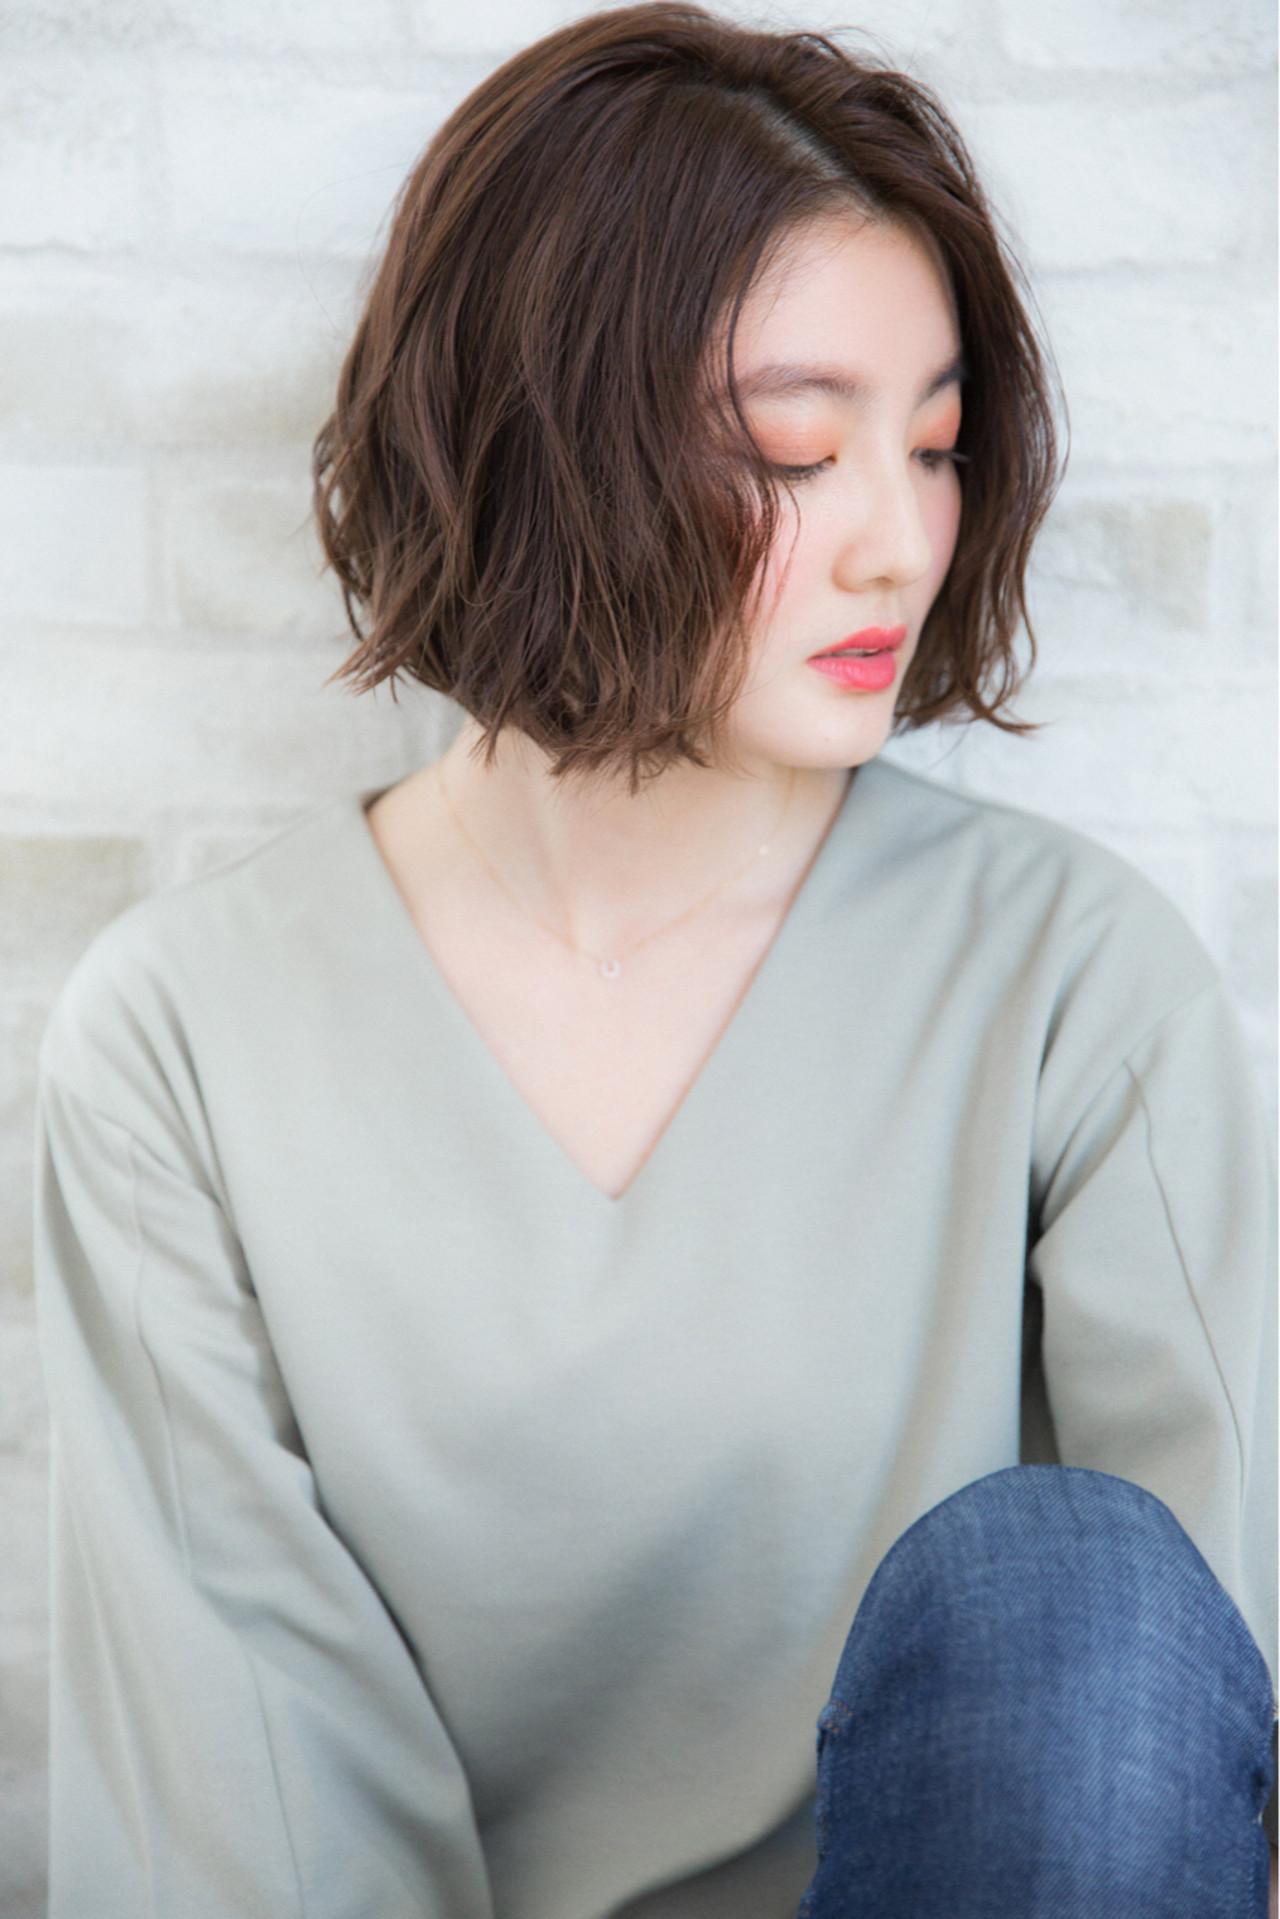 ゆるふわウェーブで優しい表情をかなえて 眞鳥康史/joemi by Un ami